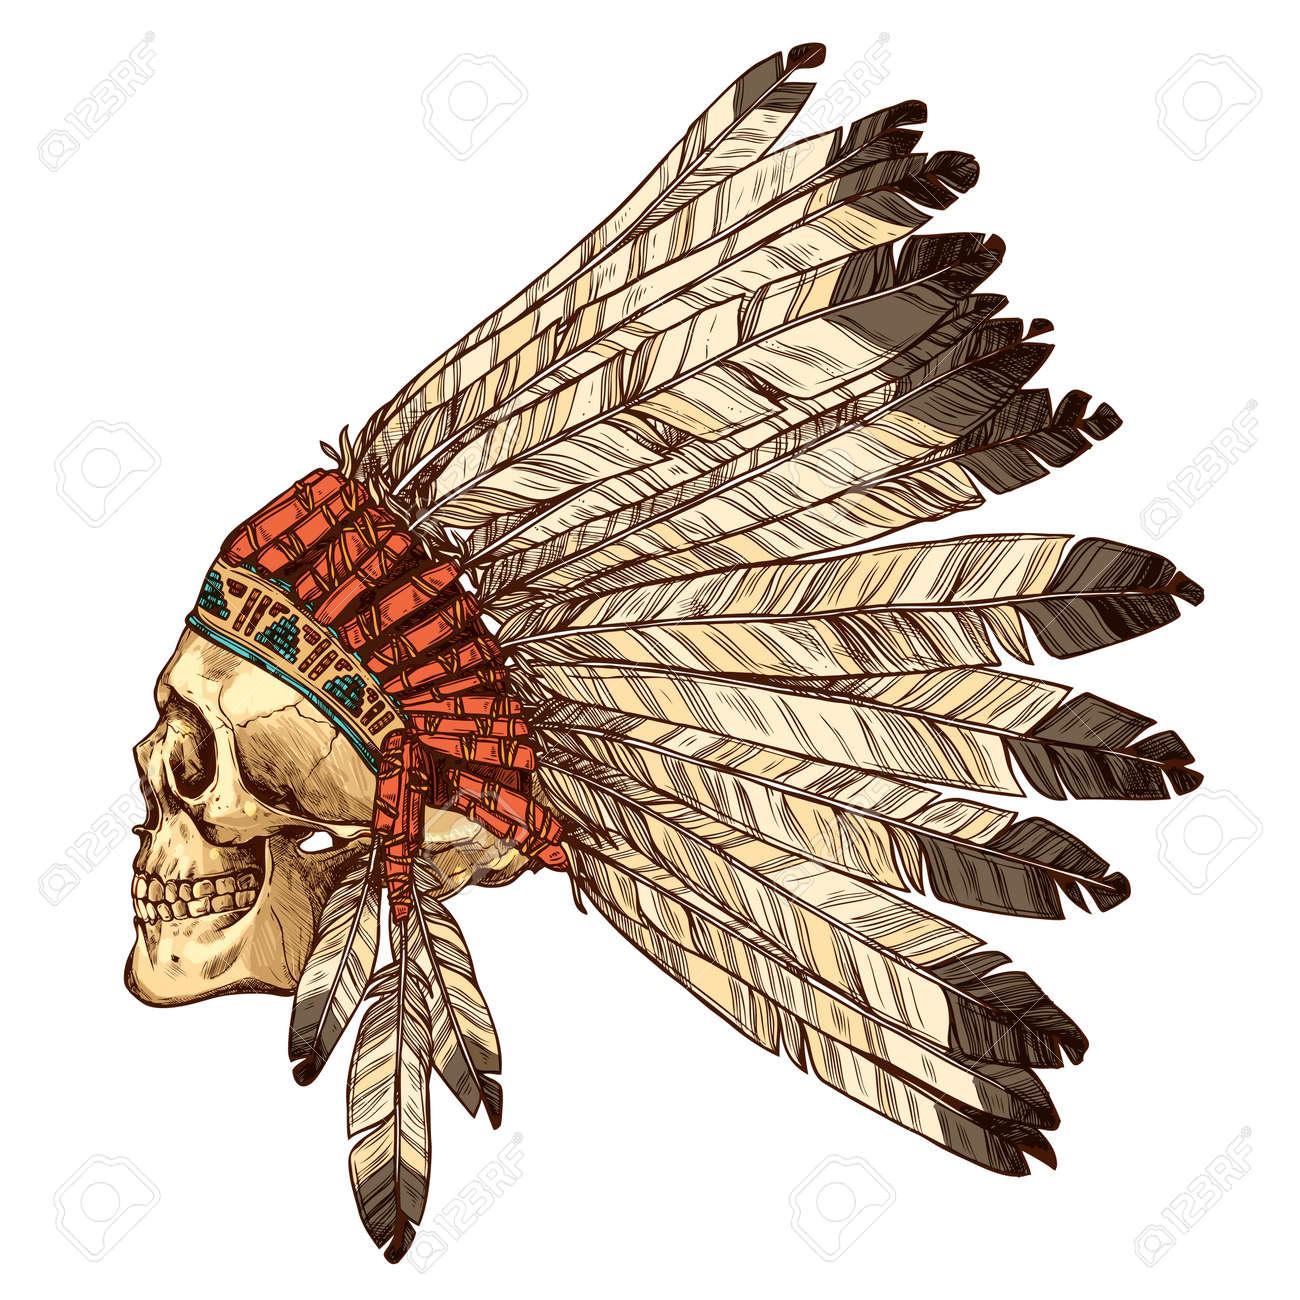 Dibujado mano indio del nativo americano tocado con el cráneo humano en  perfil. Vector ilustración 30d257dd9f7